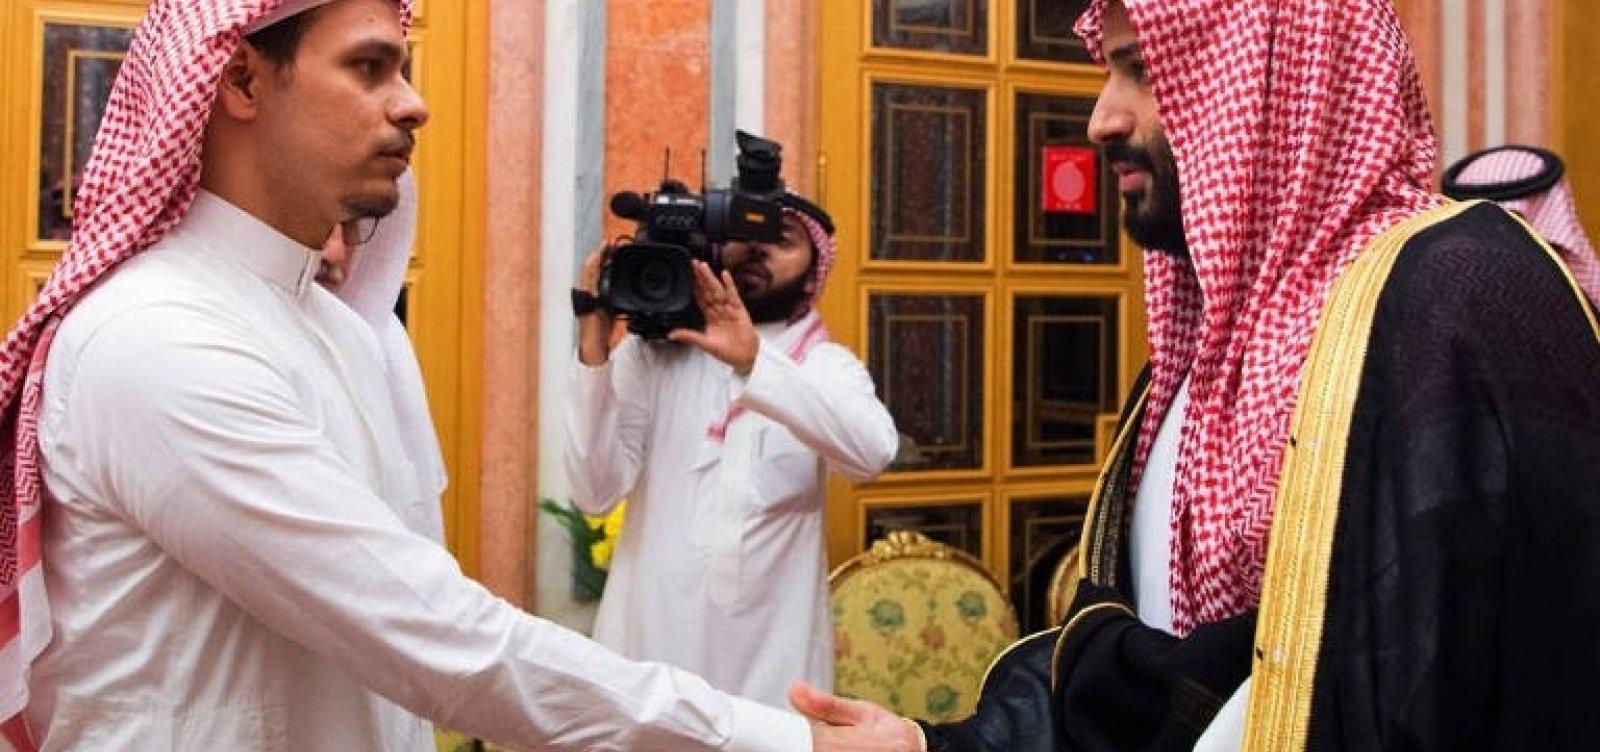 Filho de jornalista assassinado deixa a Arábia Saudita com a família, diz ONG